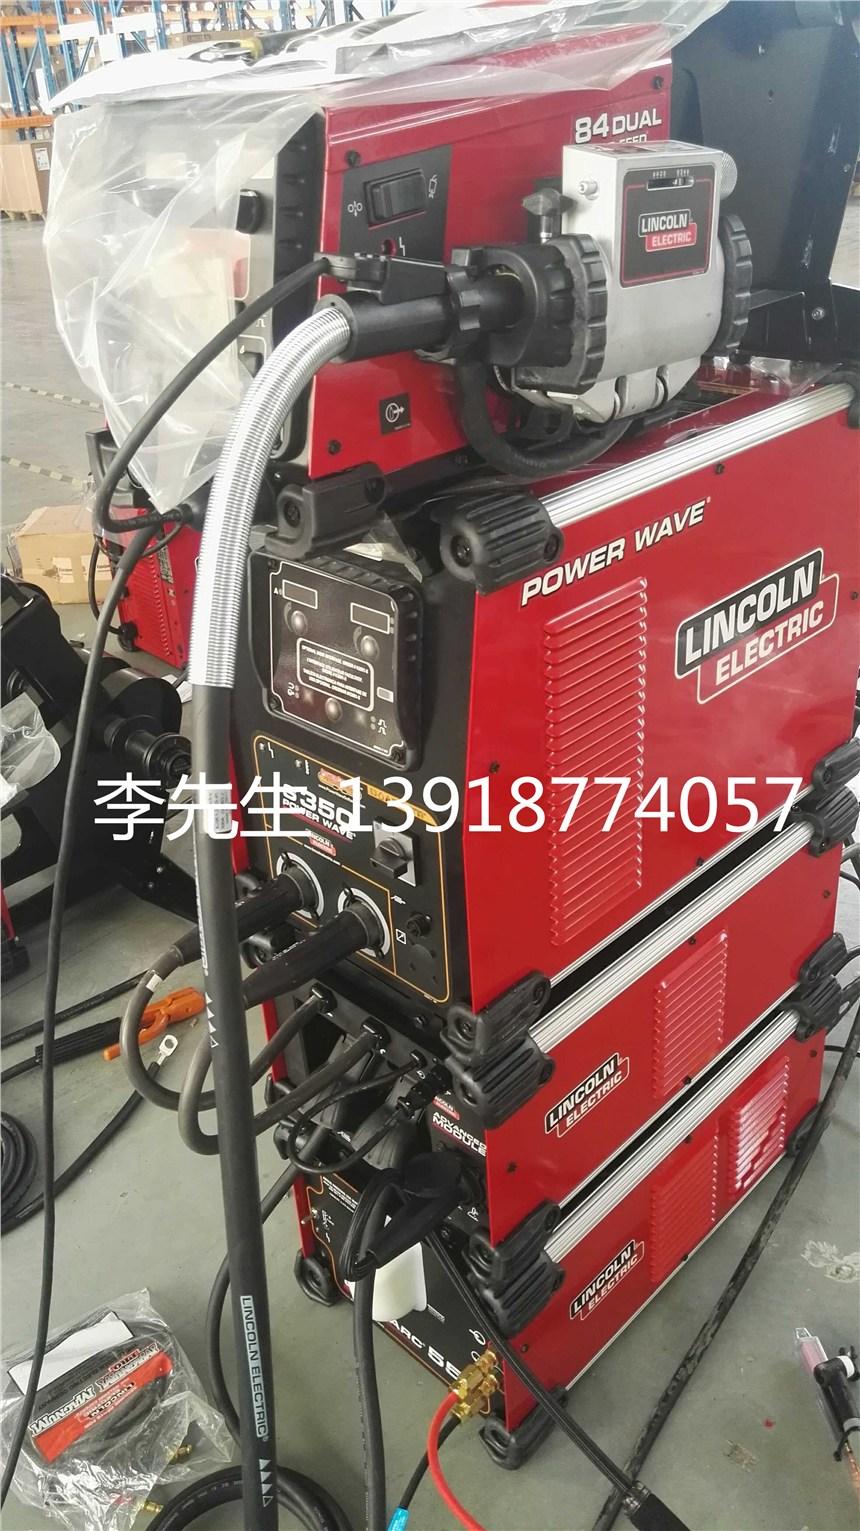 美国林肯先进工艺焊机Power Wave  S350